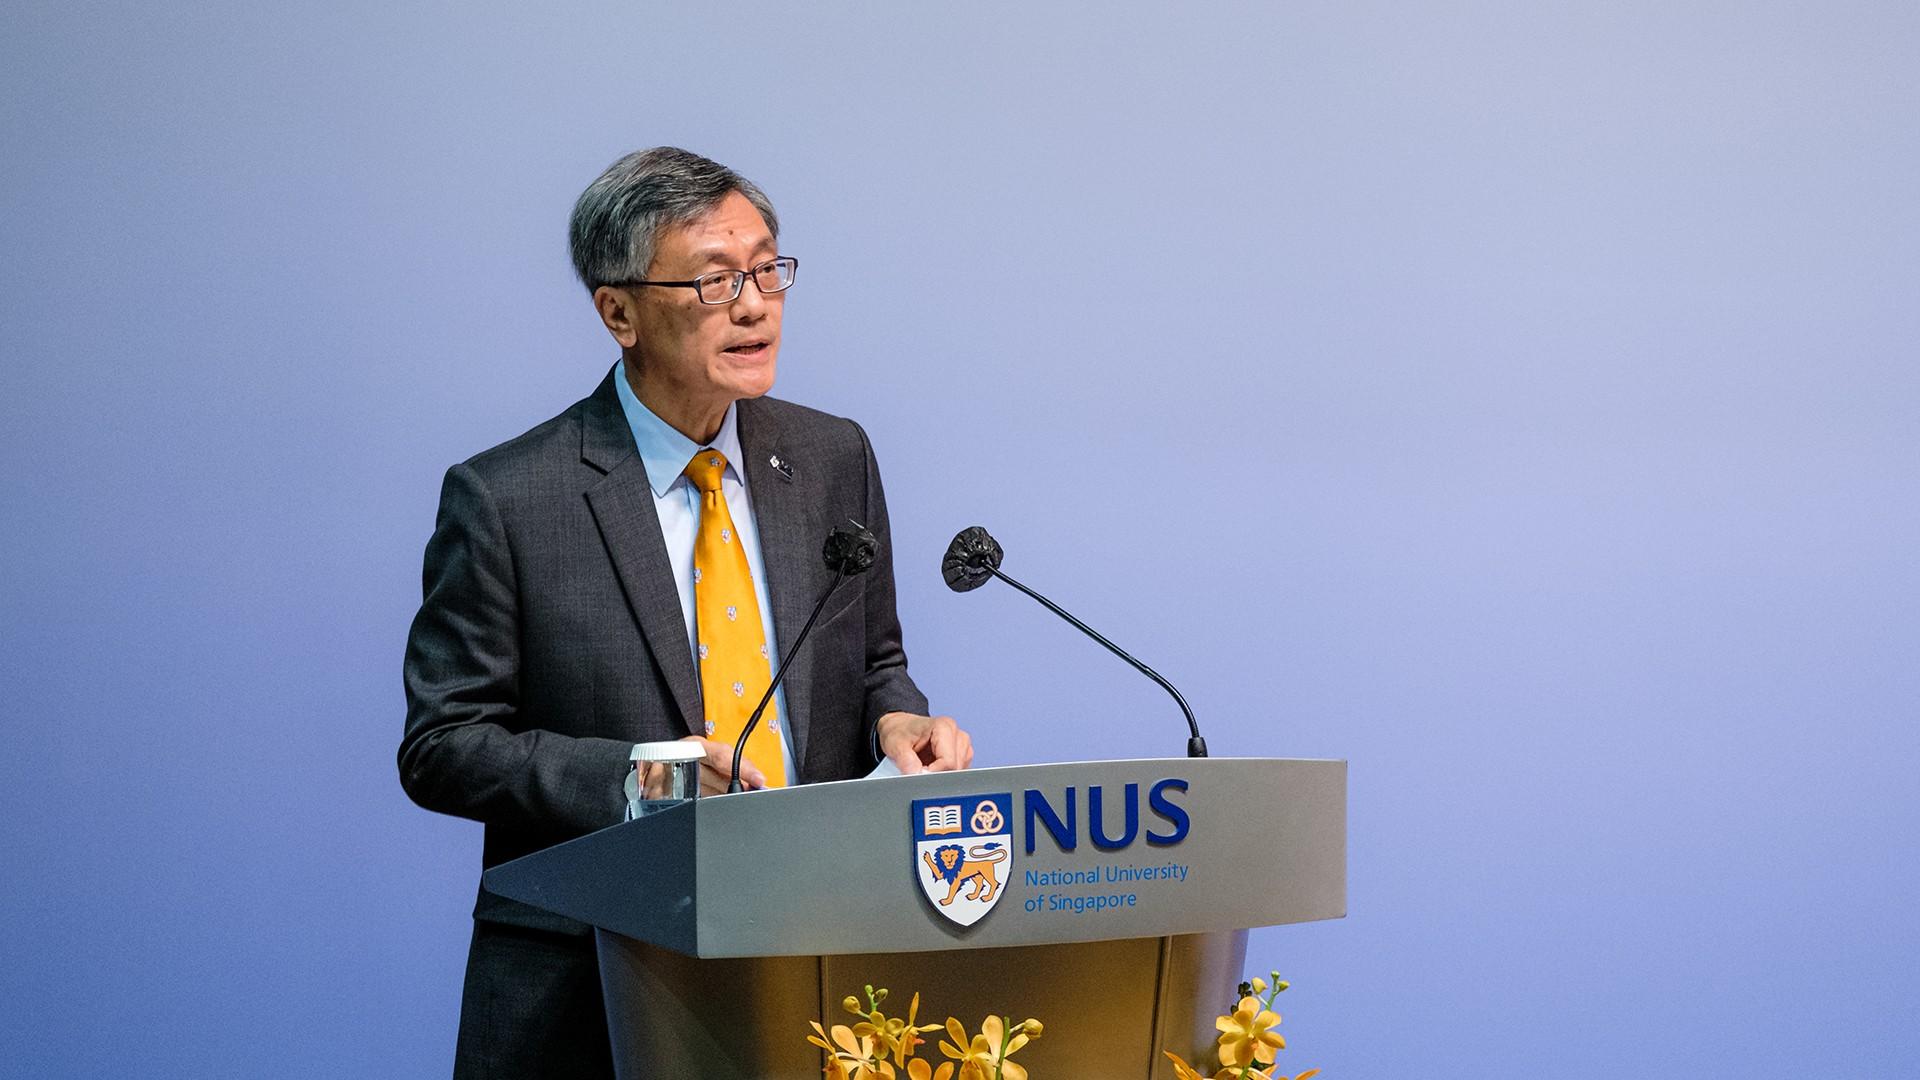 Prof Tan Eng Chye